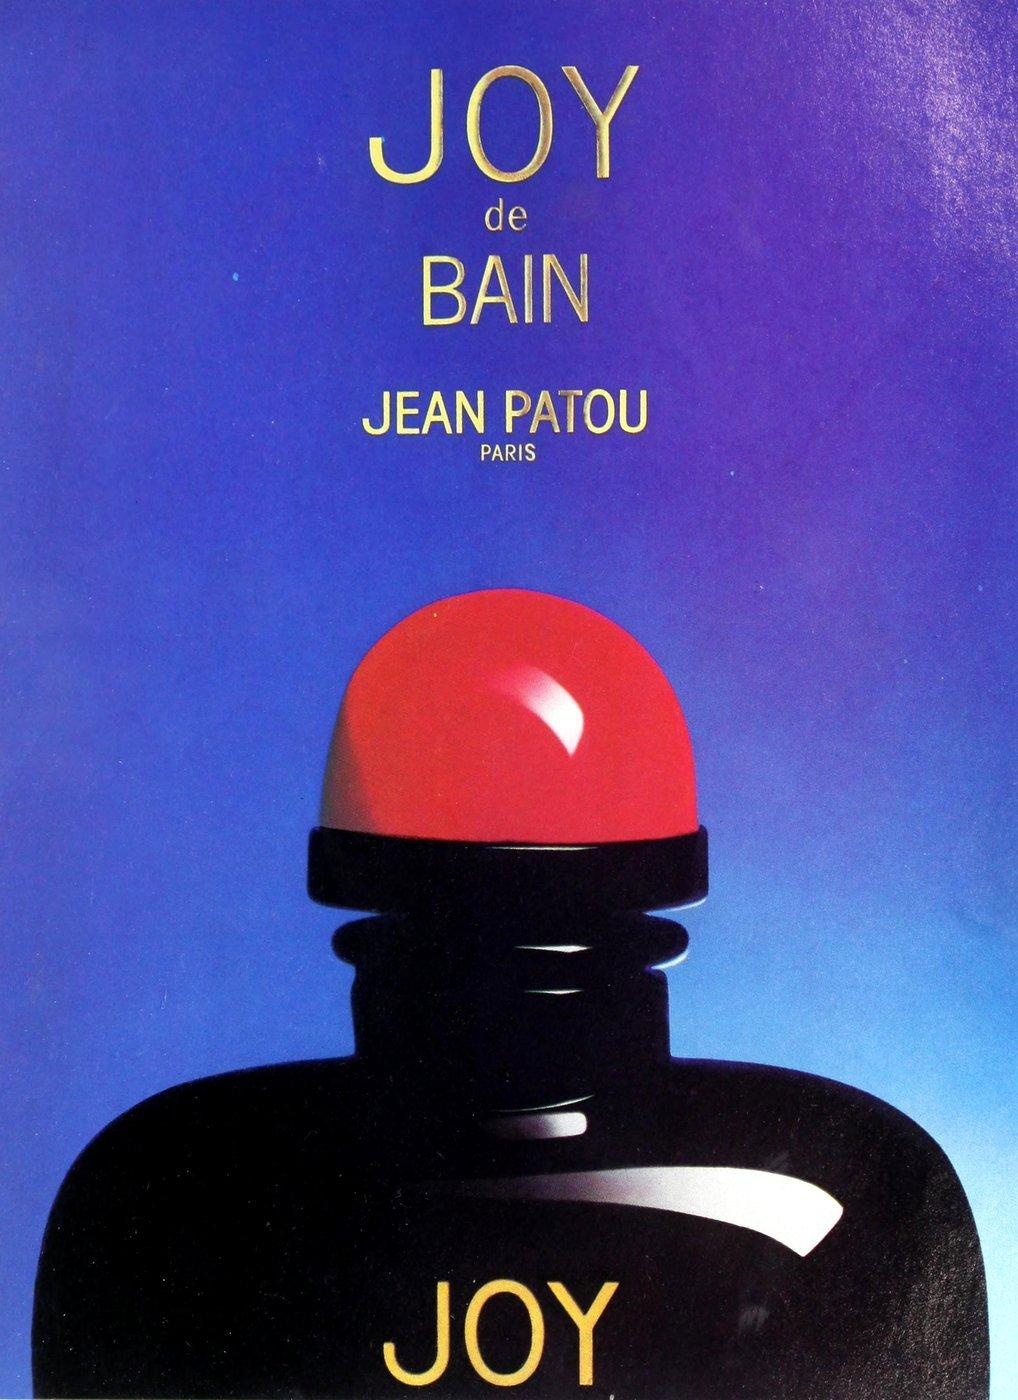 Jean Patou - Joy de Bain perfume 1988